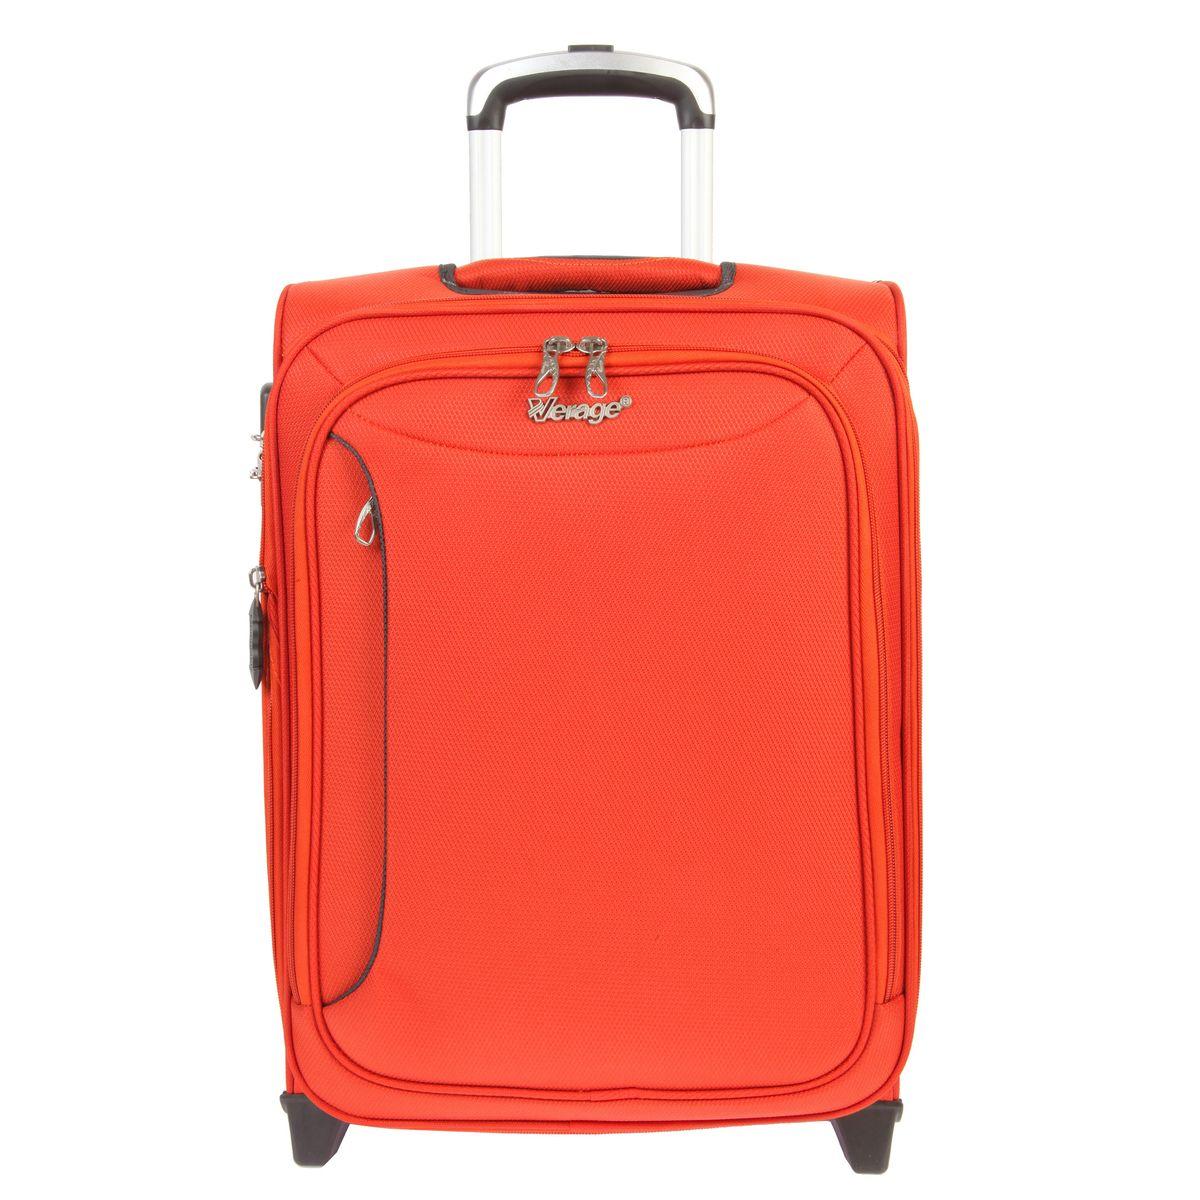 Чемодан-тележка Verage, цвет: оранжевый, 31 л. GM12091T 20GM12091T 20 orangeЧемодан-тележка Verage оснащен верхней ручкой и двумя колесиками для удобства транспортировки. Закрывается по периметру на двухстороннюю молнию. Внутри один отдел для одежды и один сетчатый карман на молнии. Снаружи на передней стенке расположены два кармана на молнии. За счет молнии возможно увеличить объем на 20%. Имеется дополнительно встроенный кодовый замок с функцией TSA. Сверху также расположена выдвижная ручка высотой 58 см.